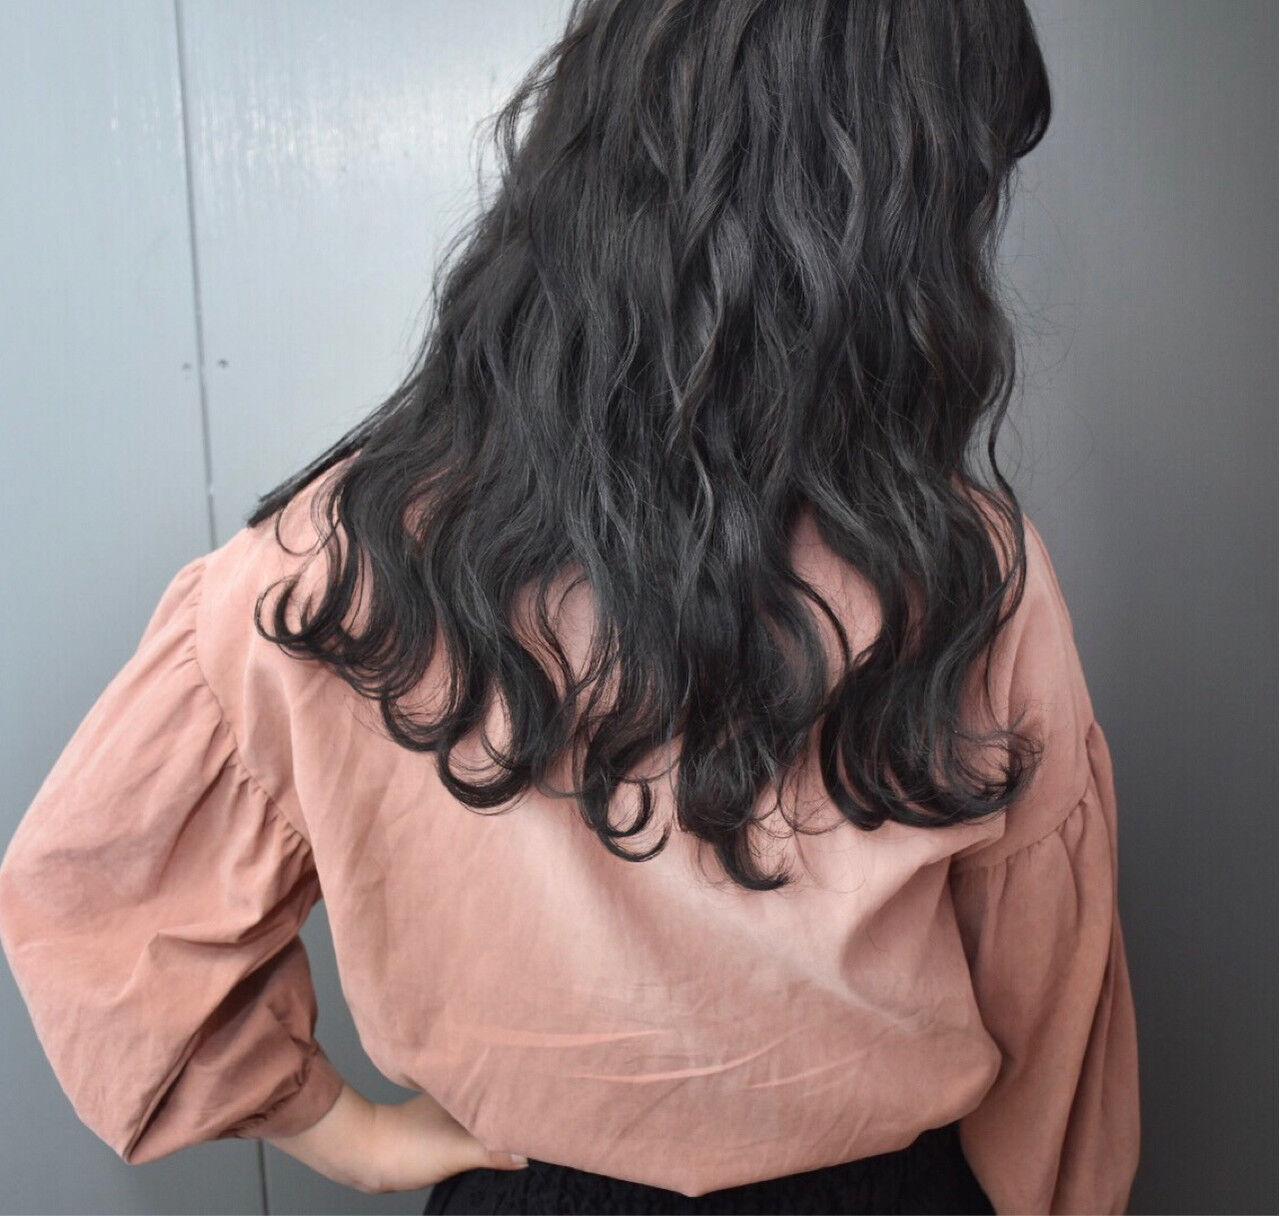 グレージュ ロング 暗髪 黒髪ヘアスタイルや髪型の写真・画像